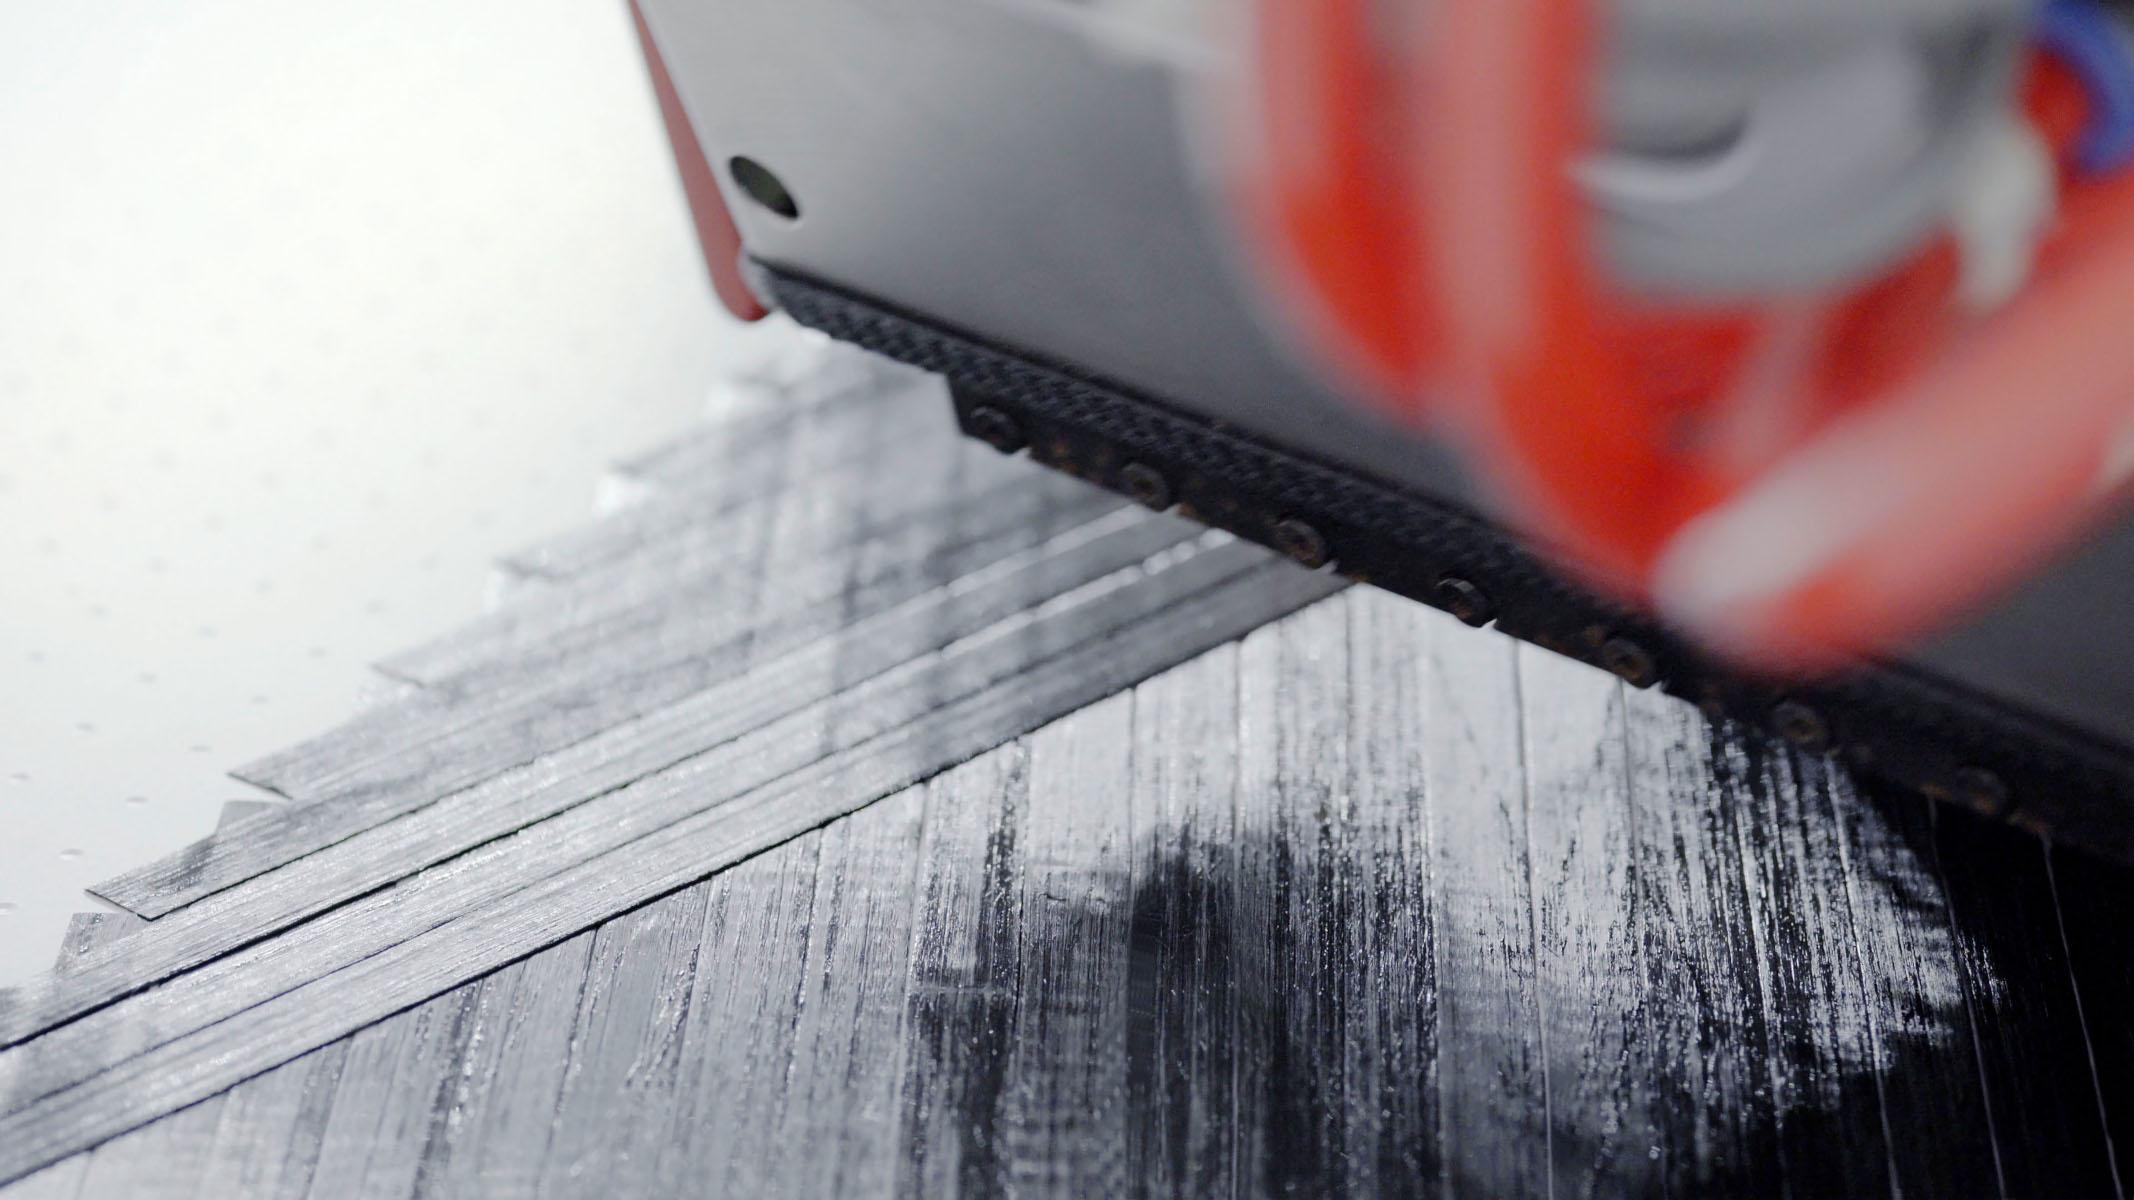 Das Fiber Placement-Verfahren eignet sich besonders für die Serienfertigung